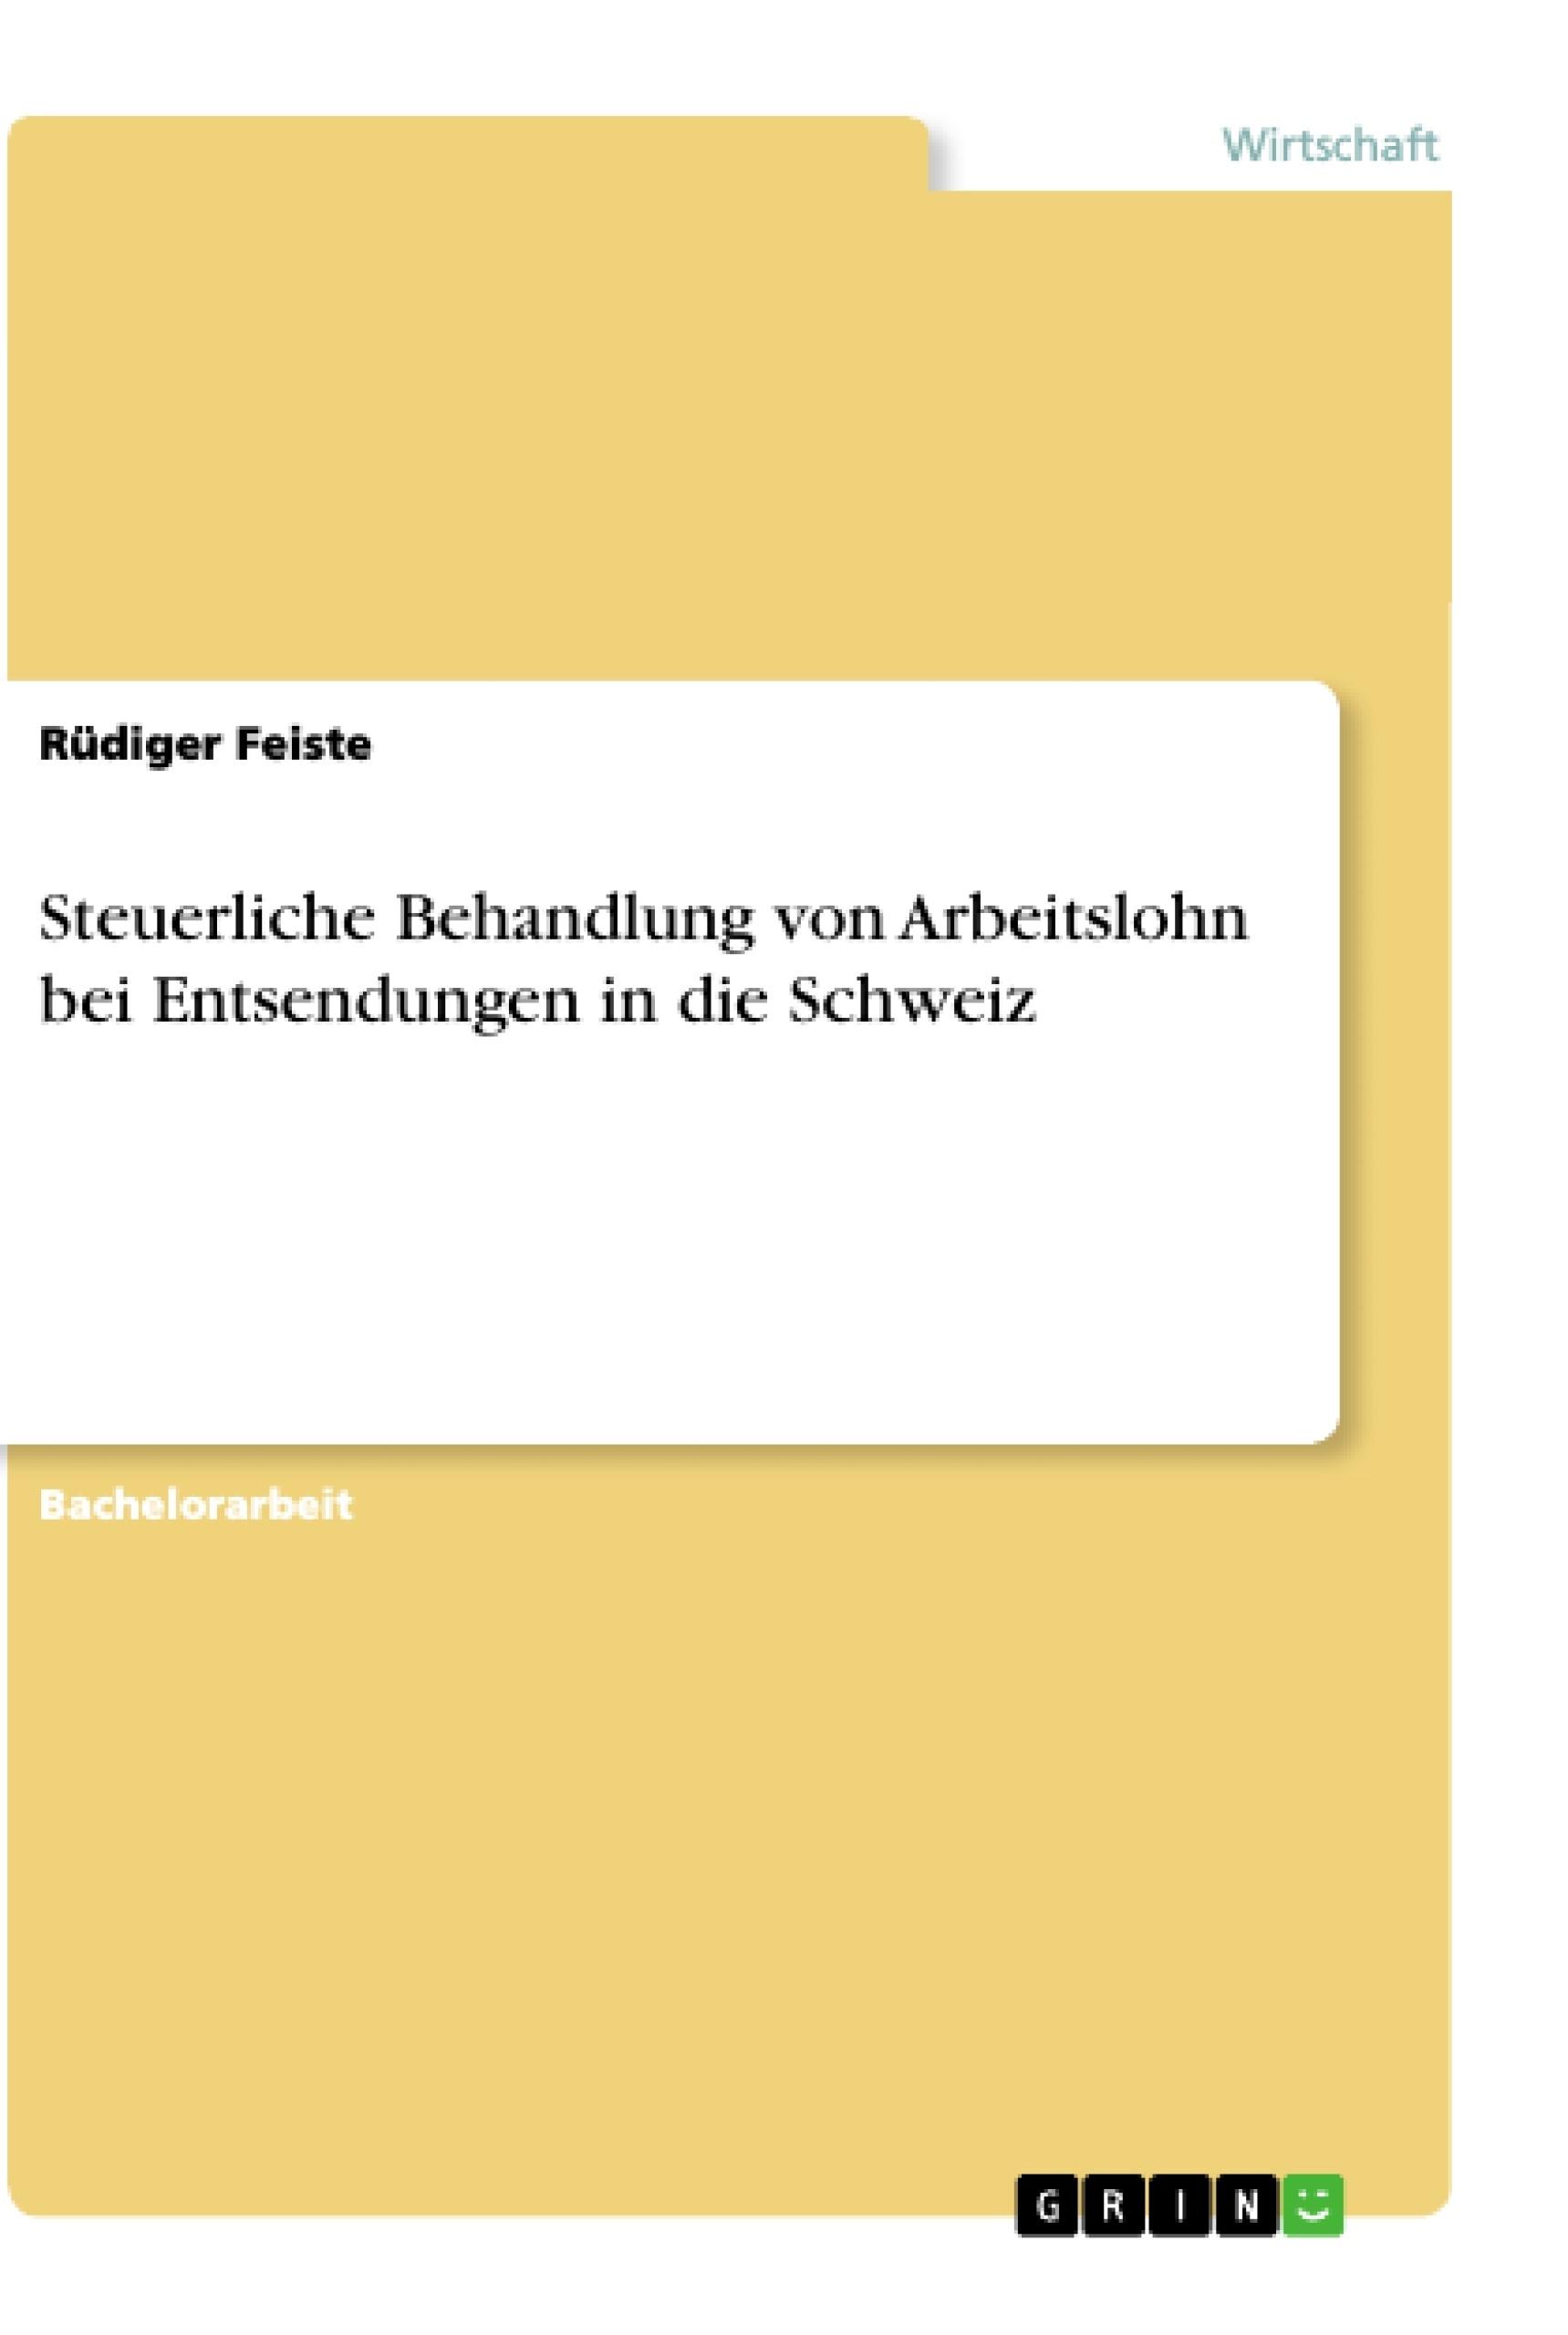 Titel: Steuerliche Behandlung von Arbeitslohn bei Entsendungen in die Schweiz